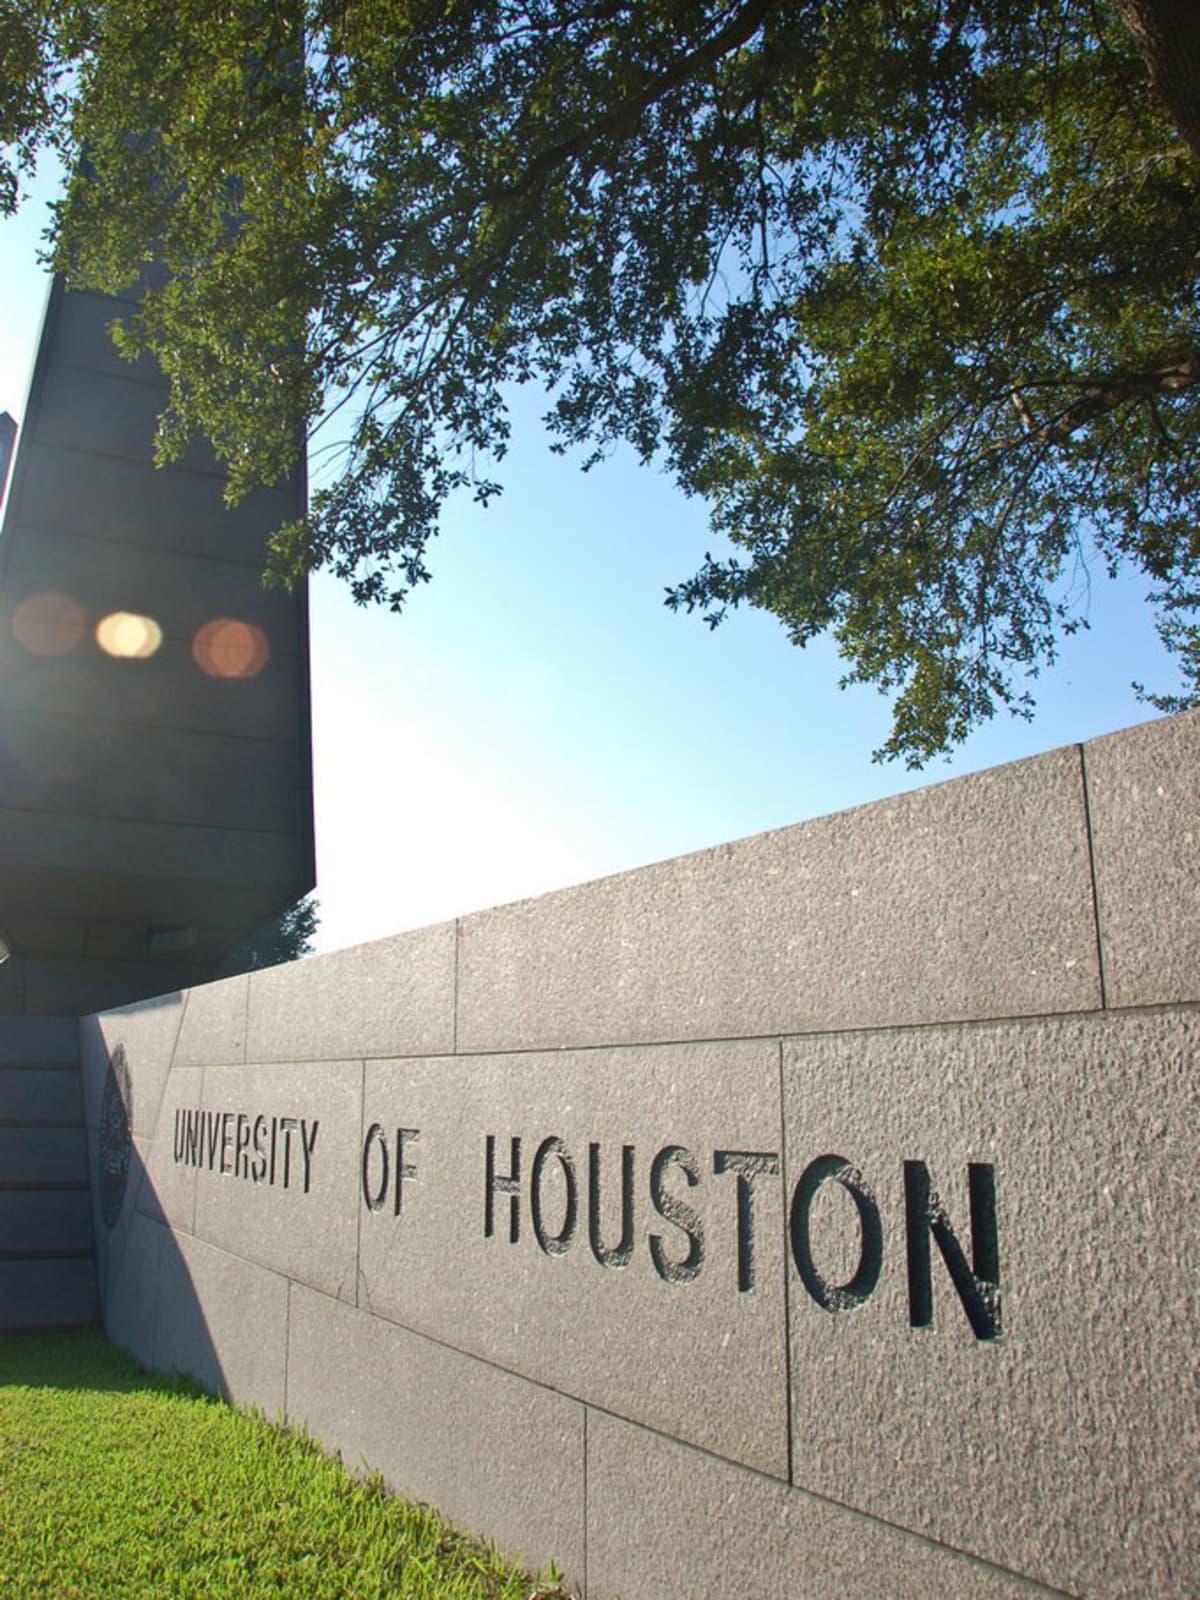 Places-Unique-University of Houston-sign-1